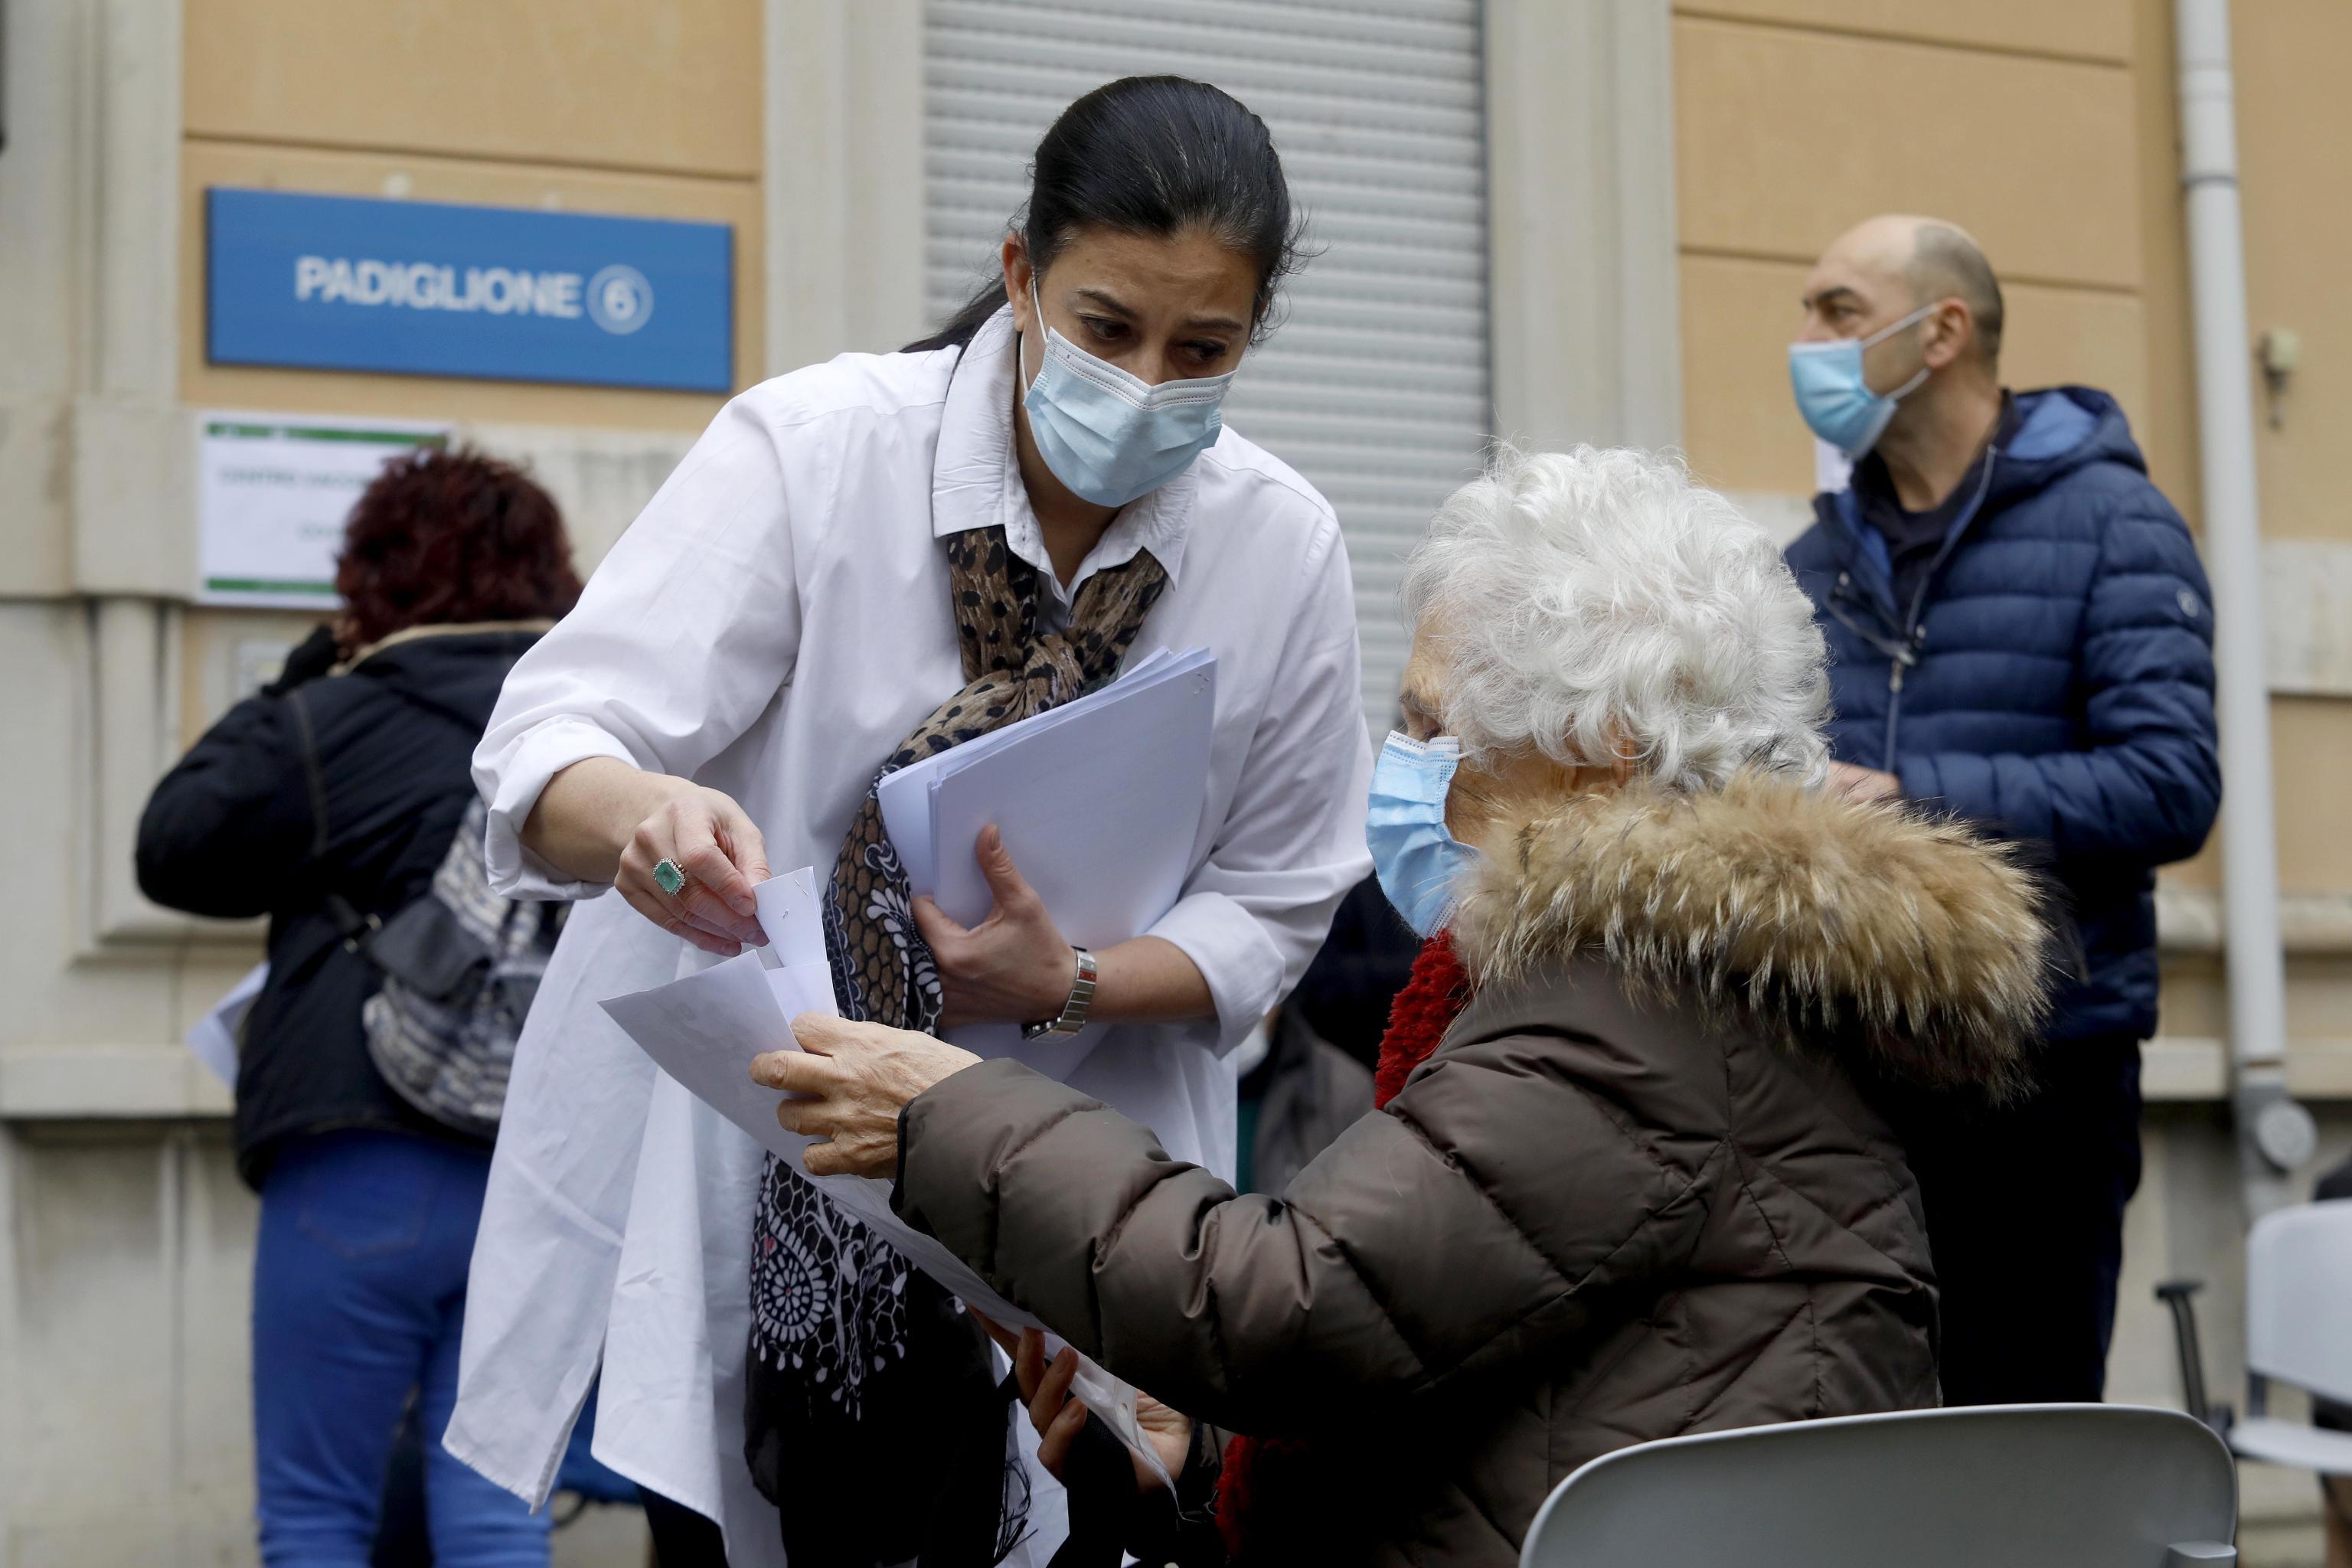 Richiamo con vaccino diverso: da domani si parte in Lombardia. Cosa cambia